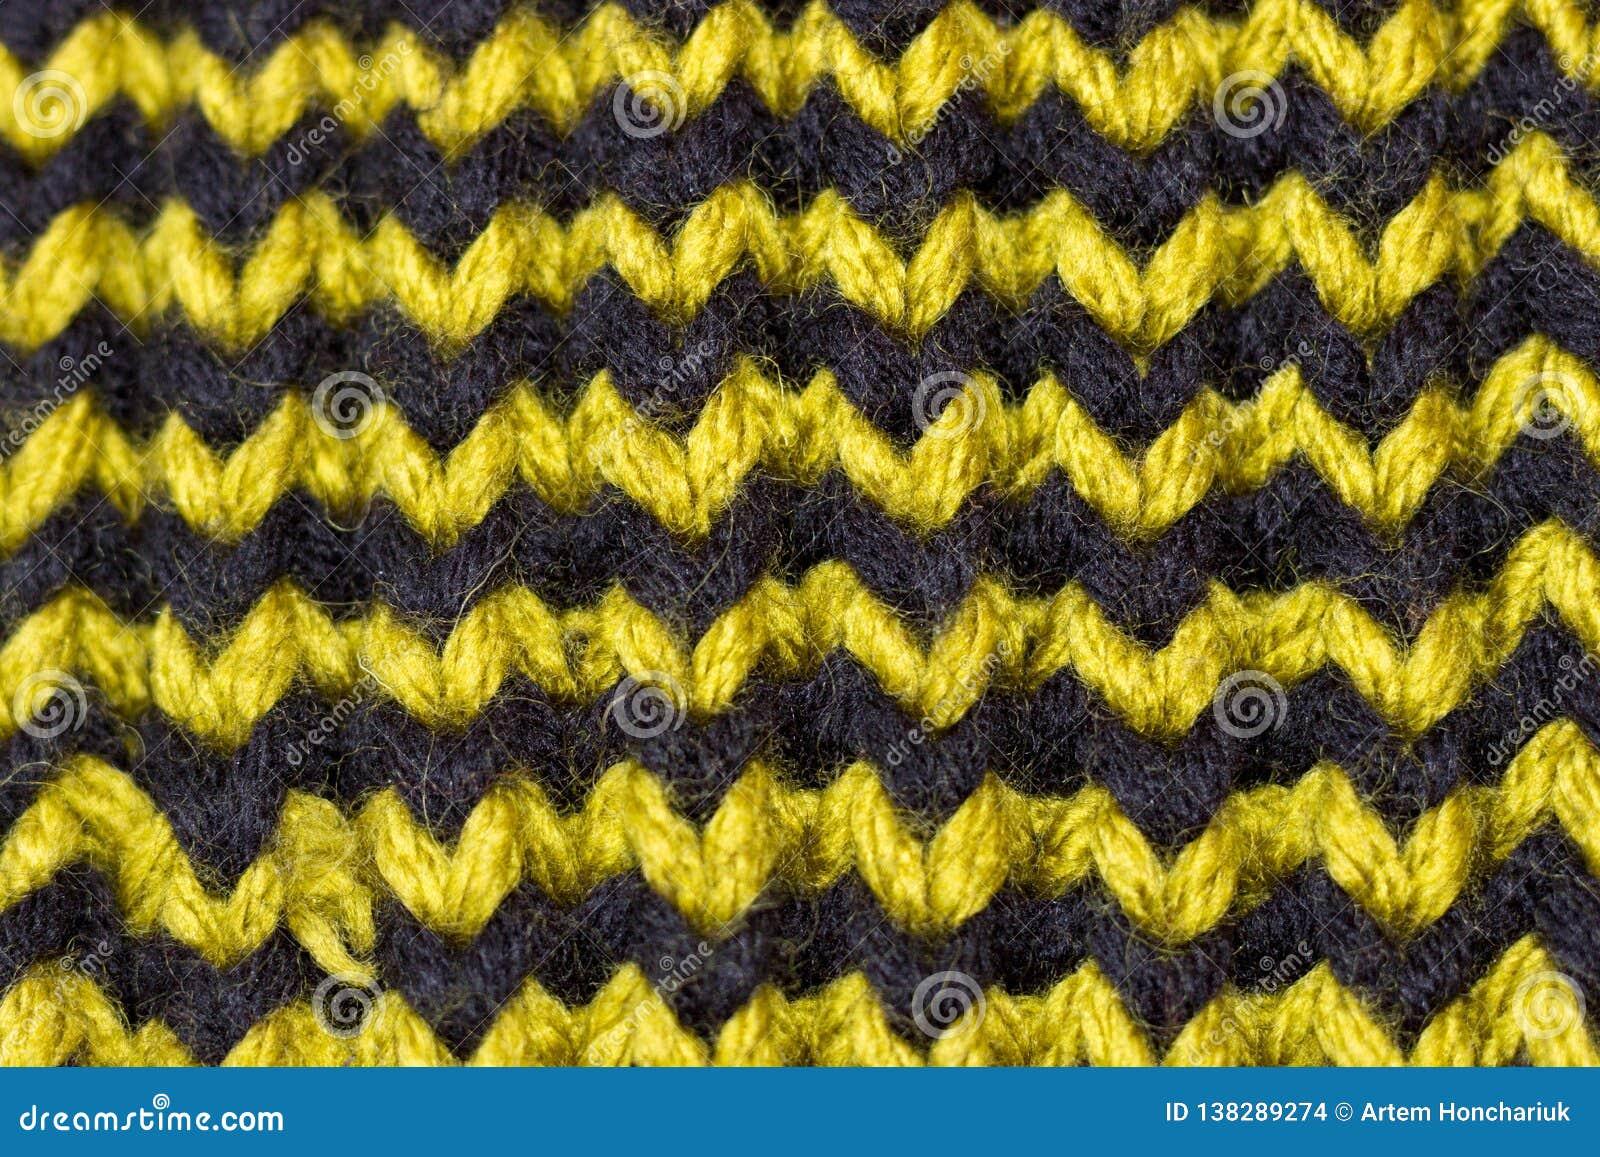 Confecção de malhas Textura feita malha fundo Agulhas de confecção de malhas brilhantes Fio de lãs verde e marrom para fazer malh